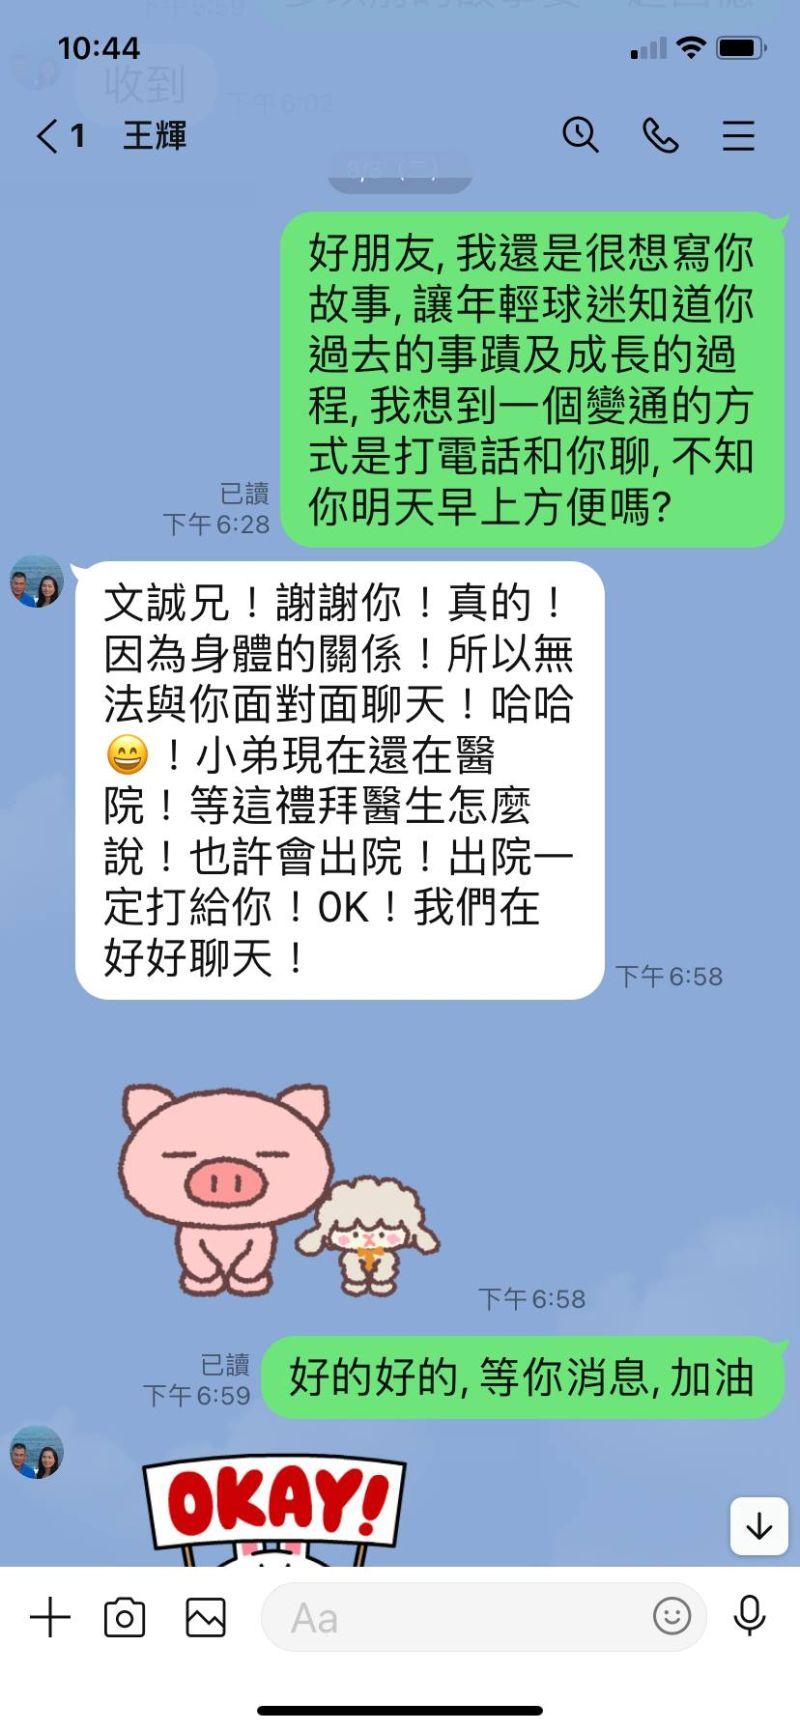 ▲王光輝生前最後與曾文誠的對話成為他心中的遺憾。(圖/翻攝自曾文誠臉書)